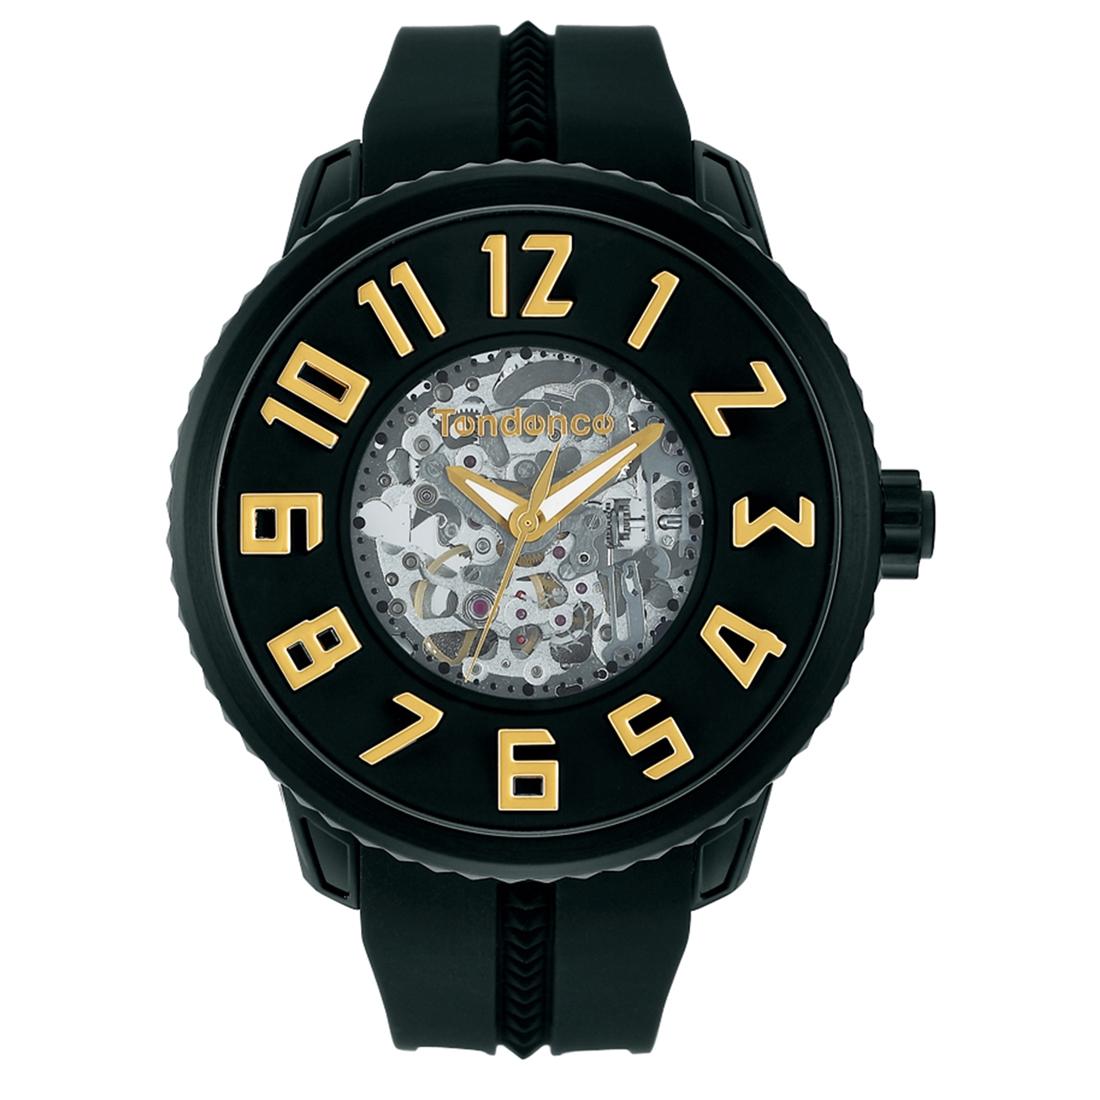 【今ならオーバーサイズノートプレゼント】 テンデンス Tendence TG491005 スポーツ 正規品 腕時計